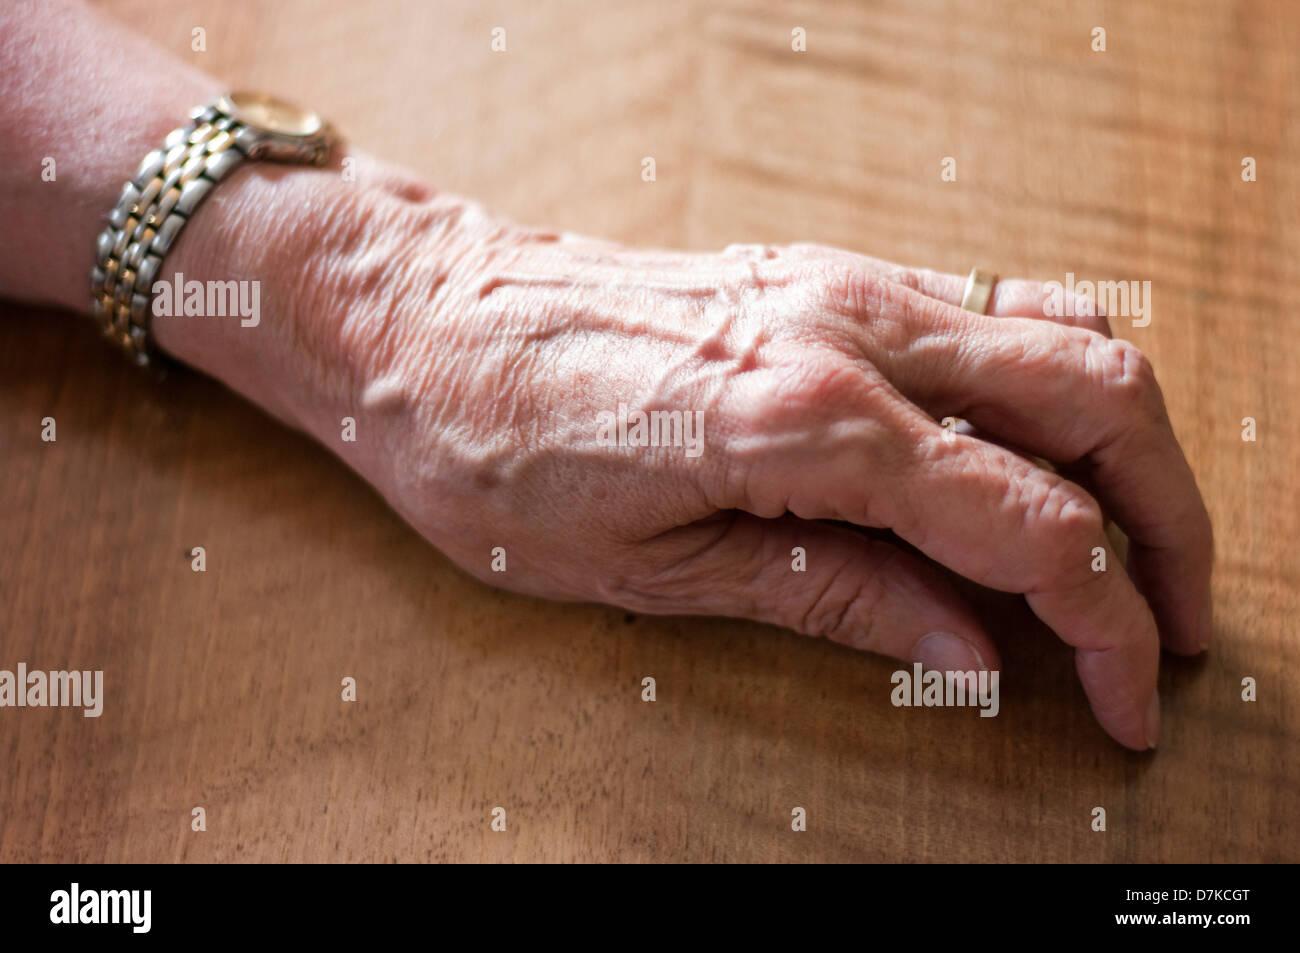 Germany, Hesse, Frankfurt, Human hand on table - Stock Image